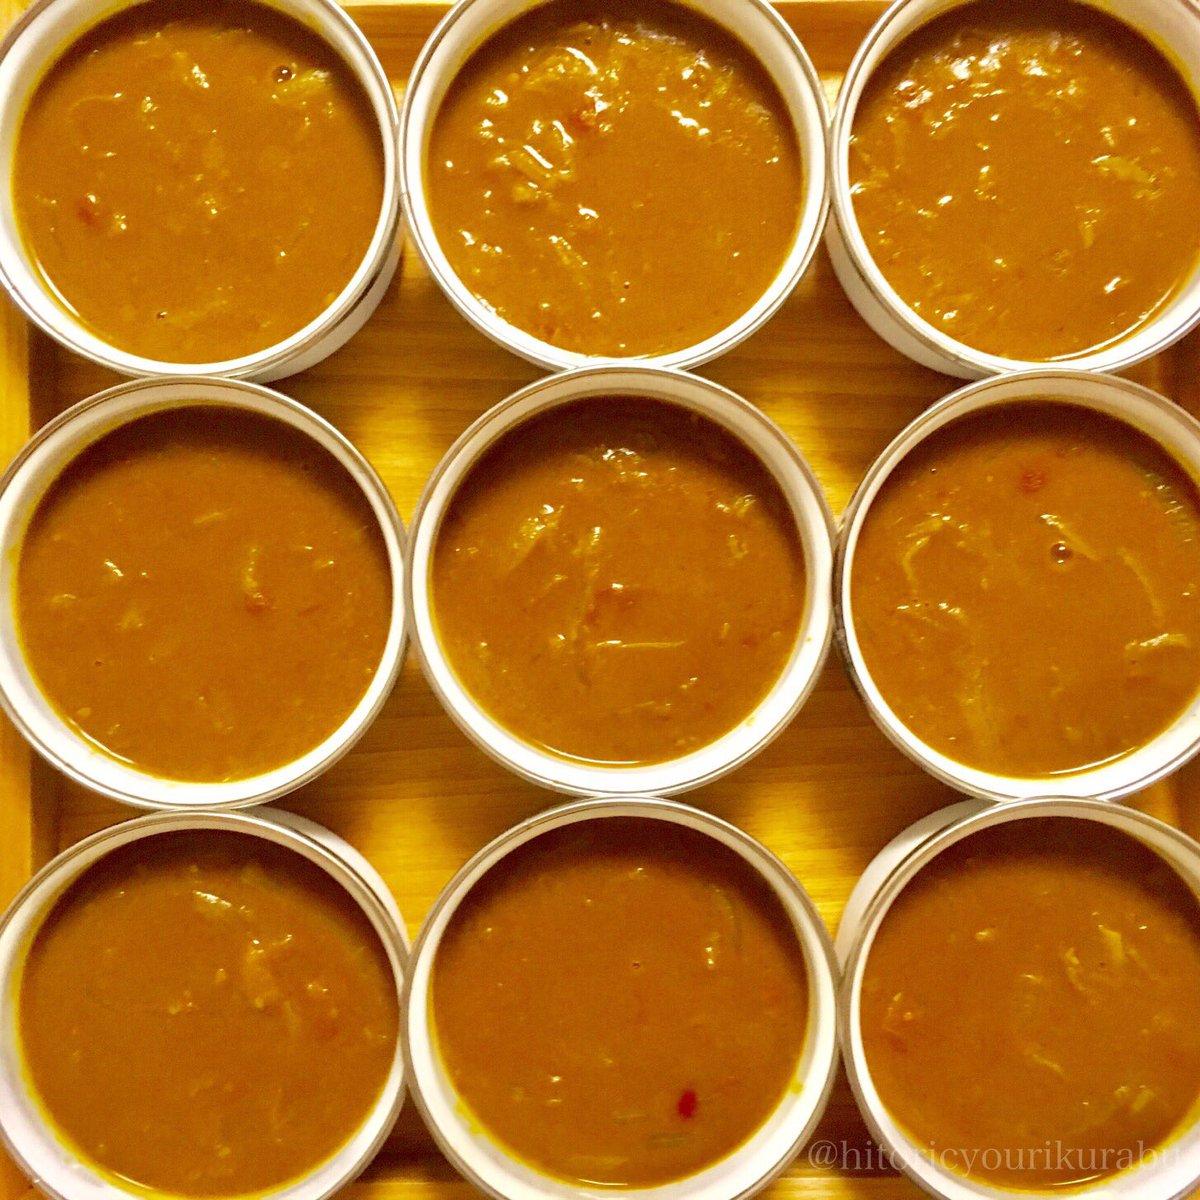 test ツイッターメディア - 栗原はるみさんのカレーソース。レシピ通りだと無水鍋大を使うとちょうどいいサイズ。2時間くらいかかるし夏は汗だくになるけど、おいしいし、作っている間いい香りで幸せ。DAISOで買った琺瑯容器に入れて冷凍しておくと、直火で温められるので便利。容器10個分。#栗原はるみ #カレーソース #DAISO https://t.co/MByXgeRC3d